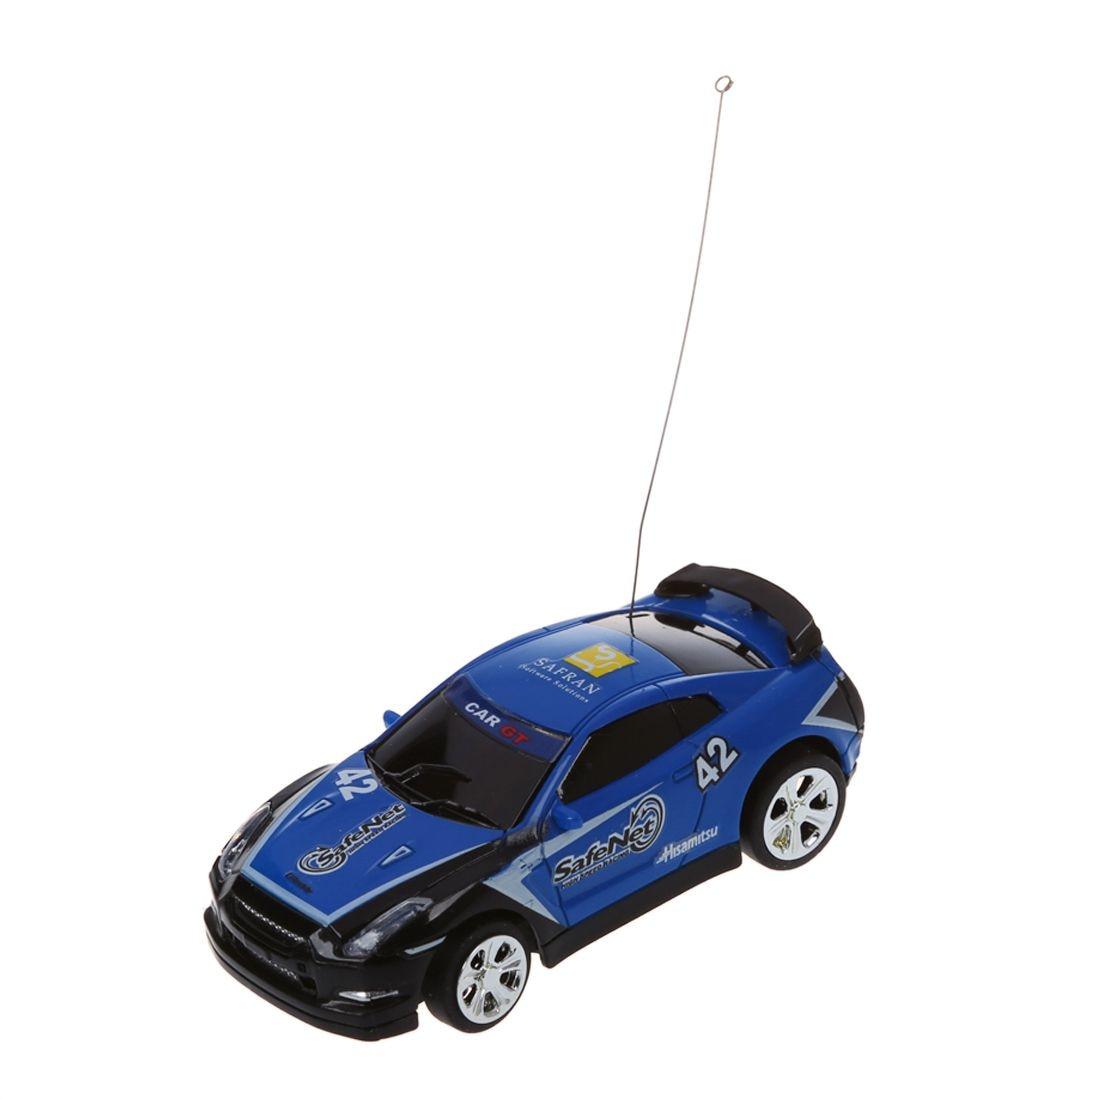 Mini Rc Remote Controlled Auto Racewagen Speelgoed In De Drank Kan 1:58 (blauw) Nieuwe Matige Prijs